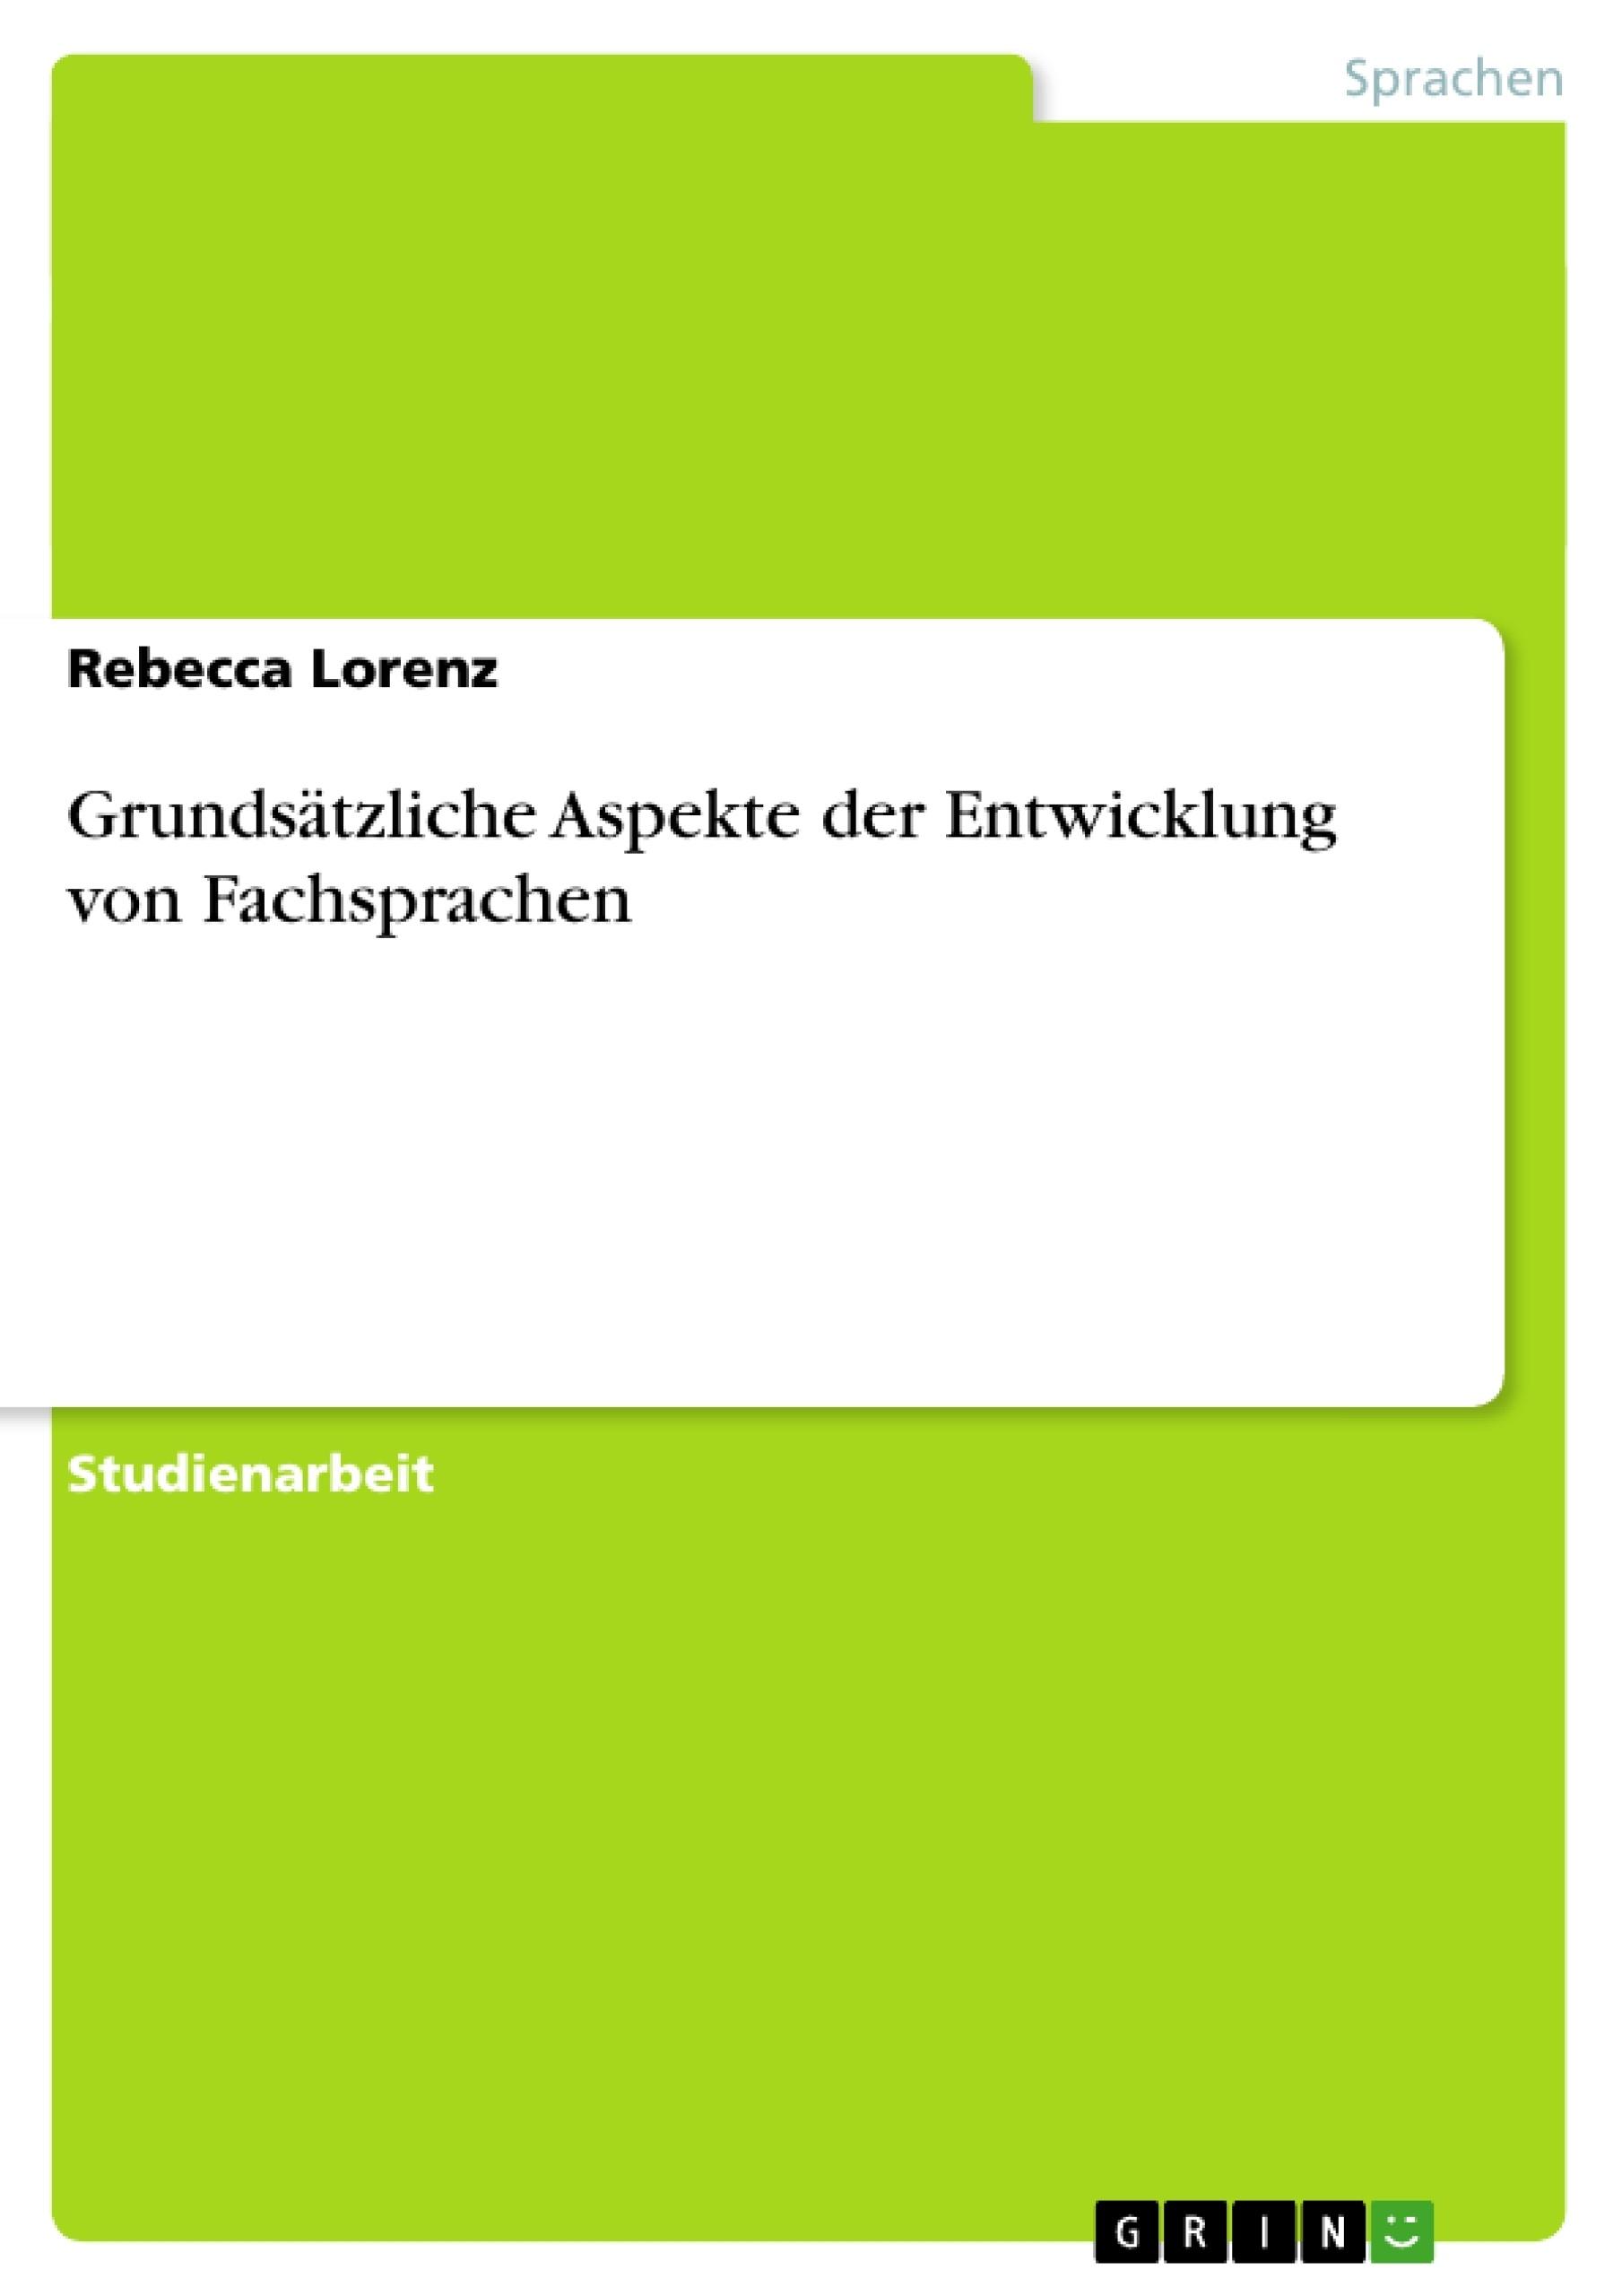 Titel: Grundsätzliche Aspekte der Entwicklung von Fachsprachen